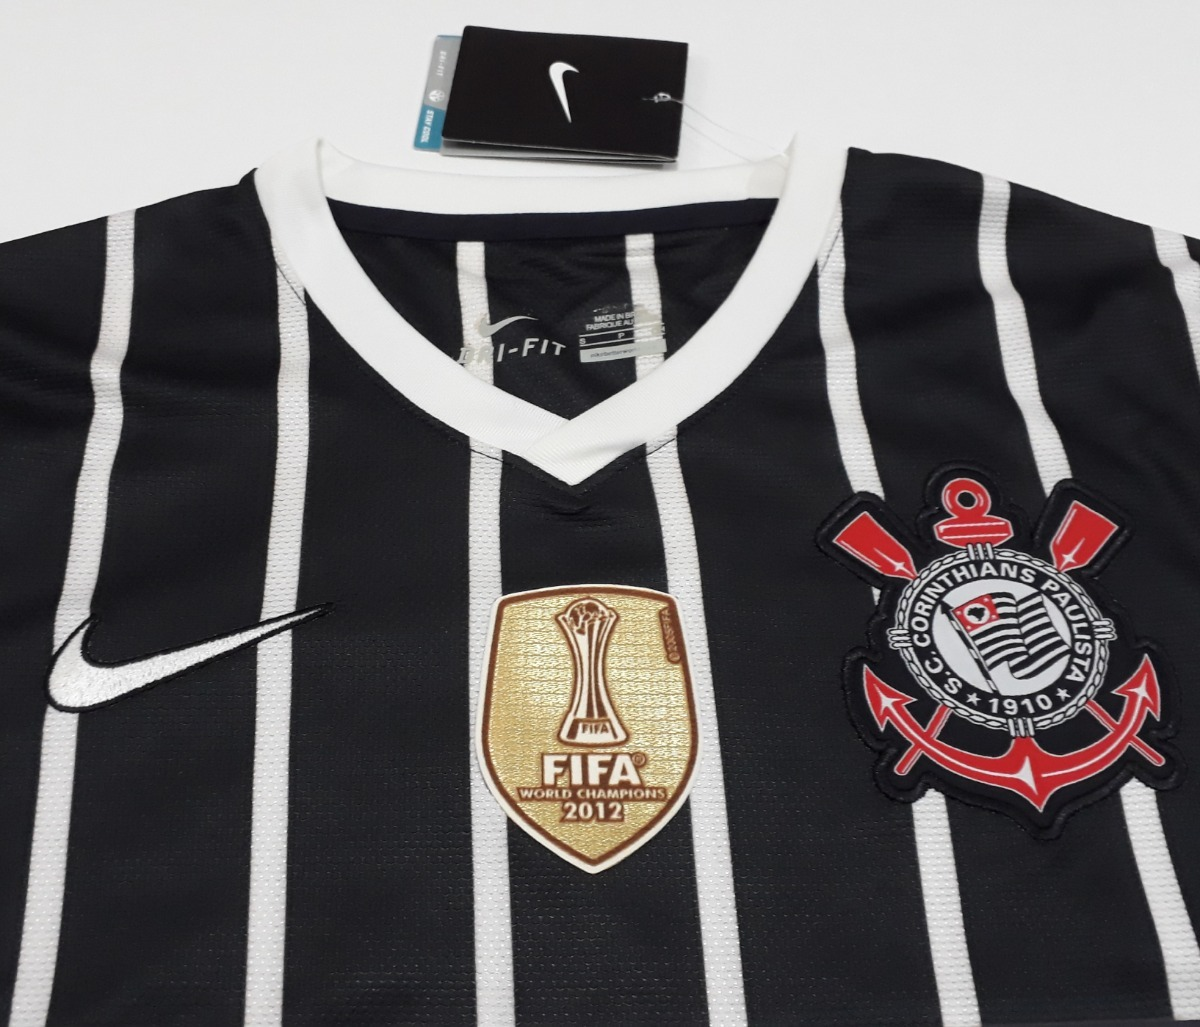 camisa corinthians libertadores e mundial paulinho nike - 08. Carregando  zoom. 5cdfb6a53cf1a